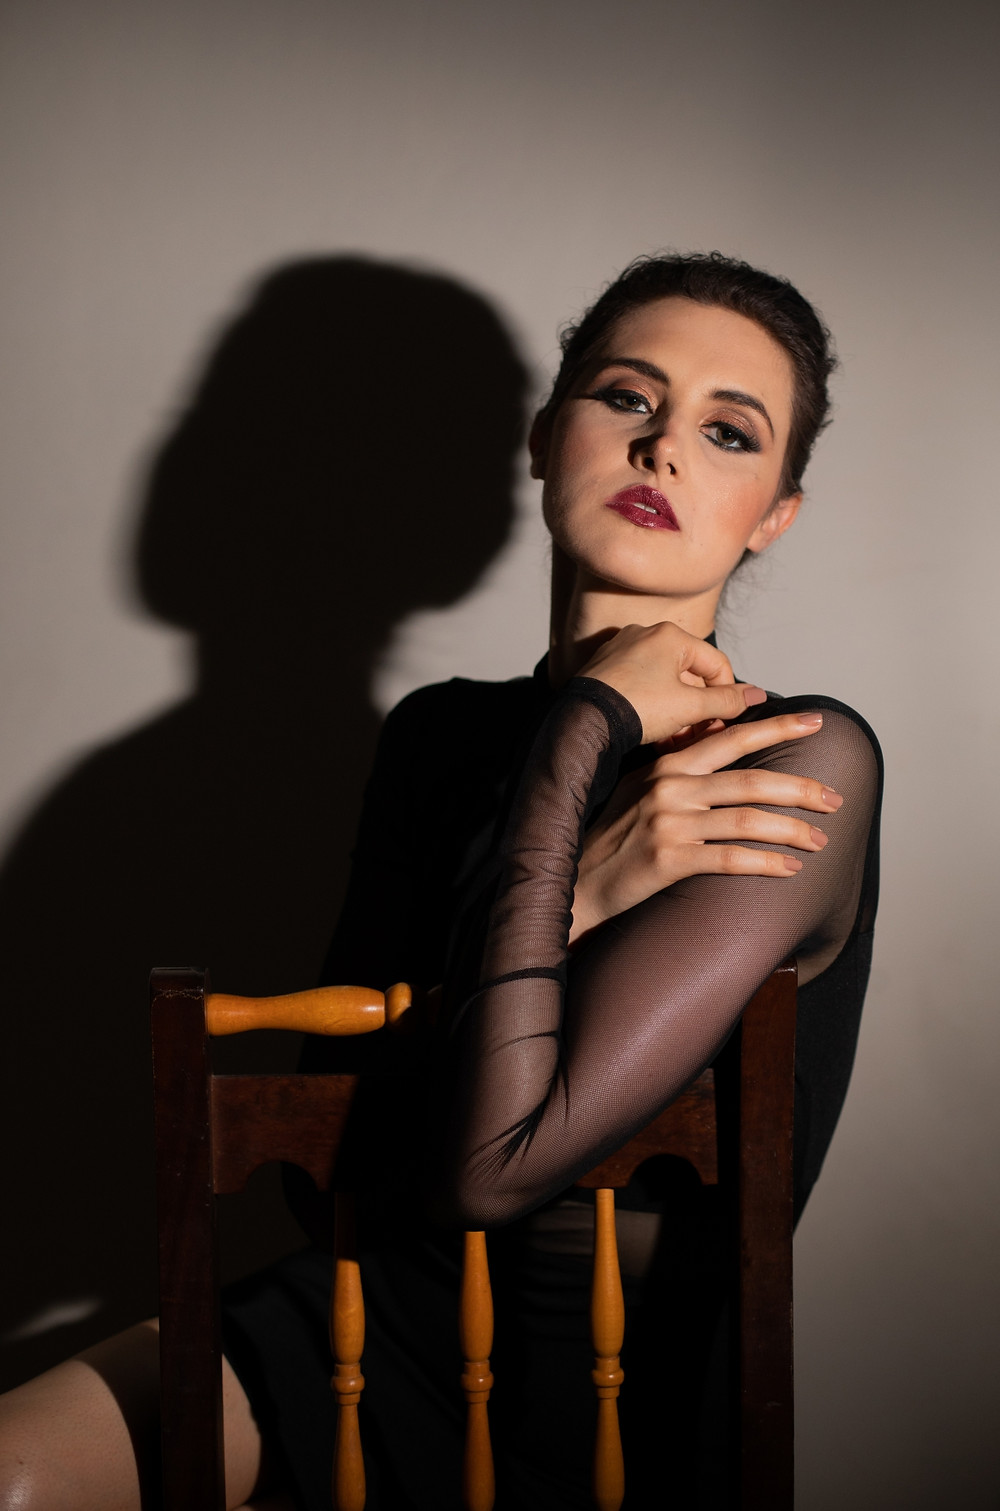 Beauty Fashion by Liezl Photography